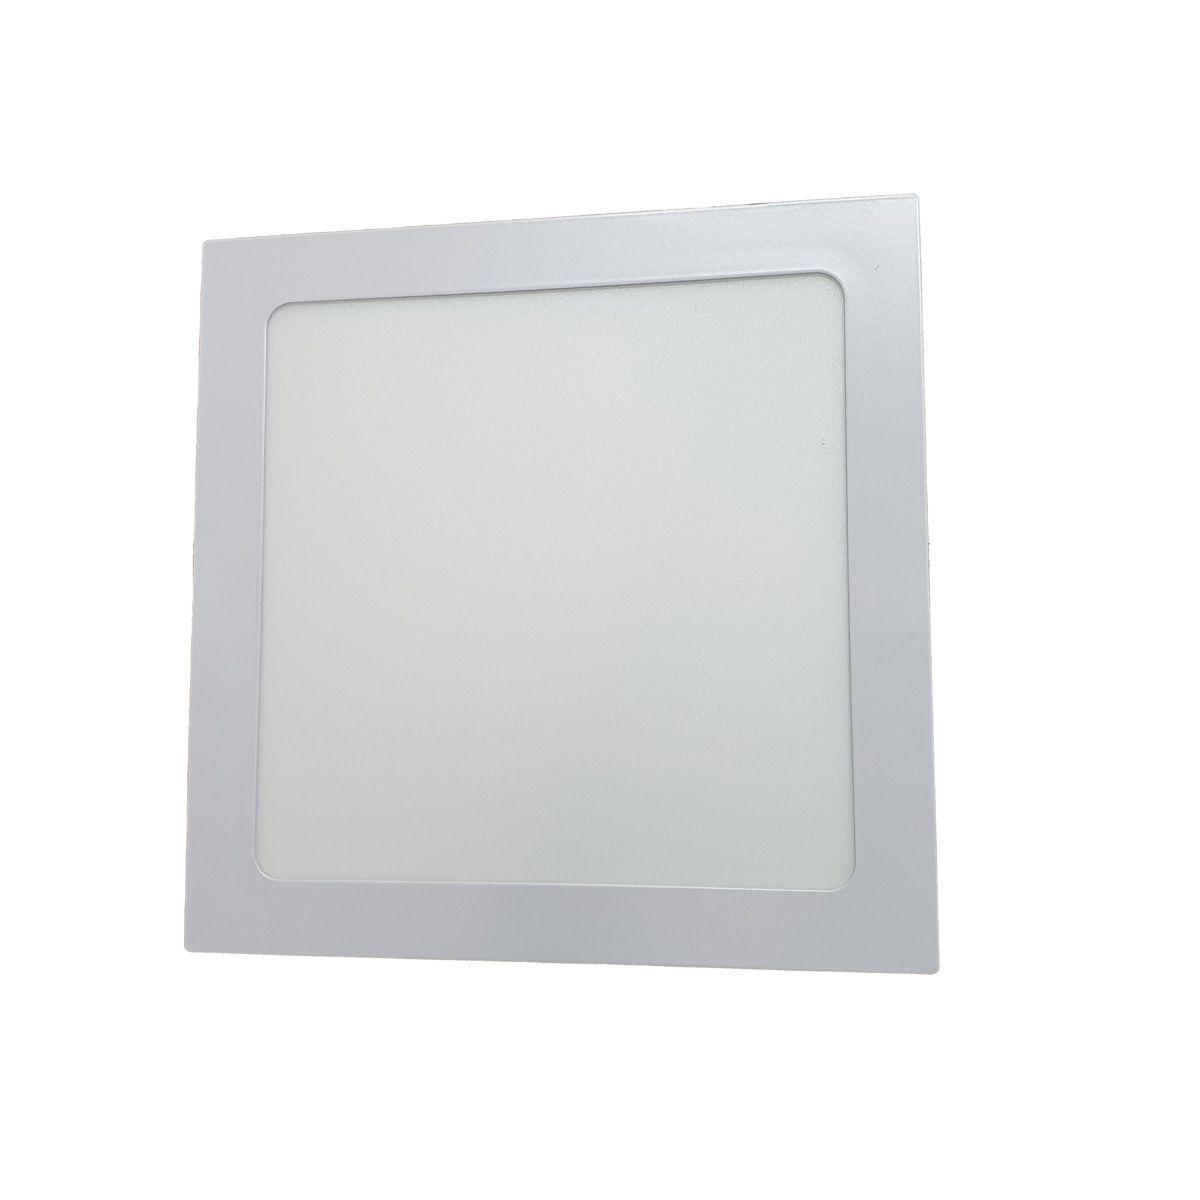 Painel Plafon LED 18w Quadrado Luminaria Embutir Branca Luz Quente